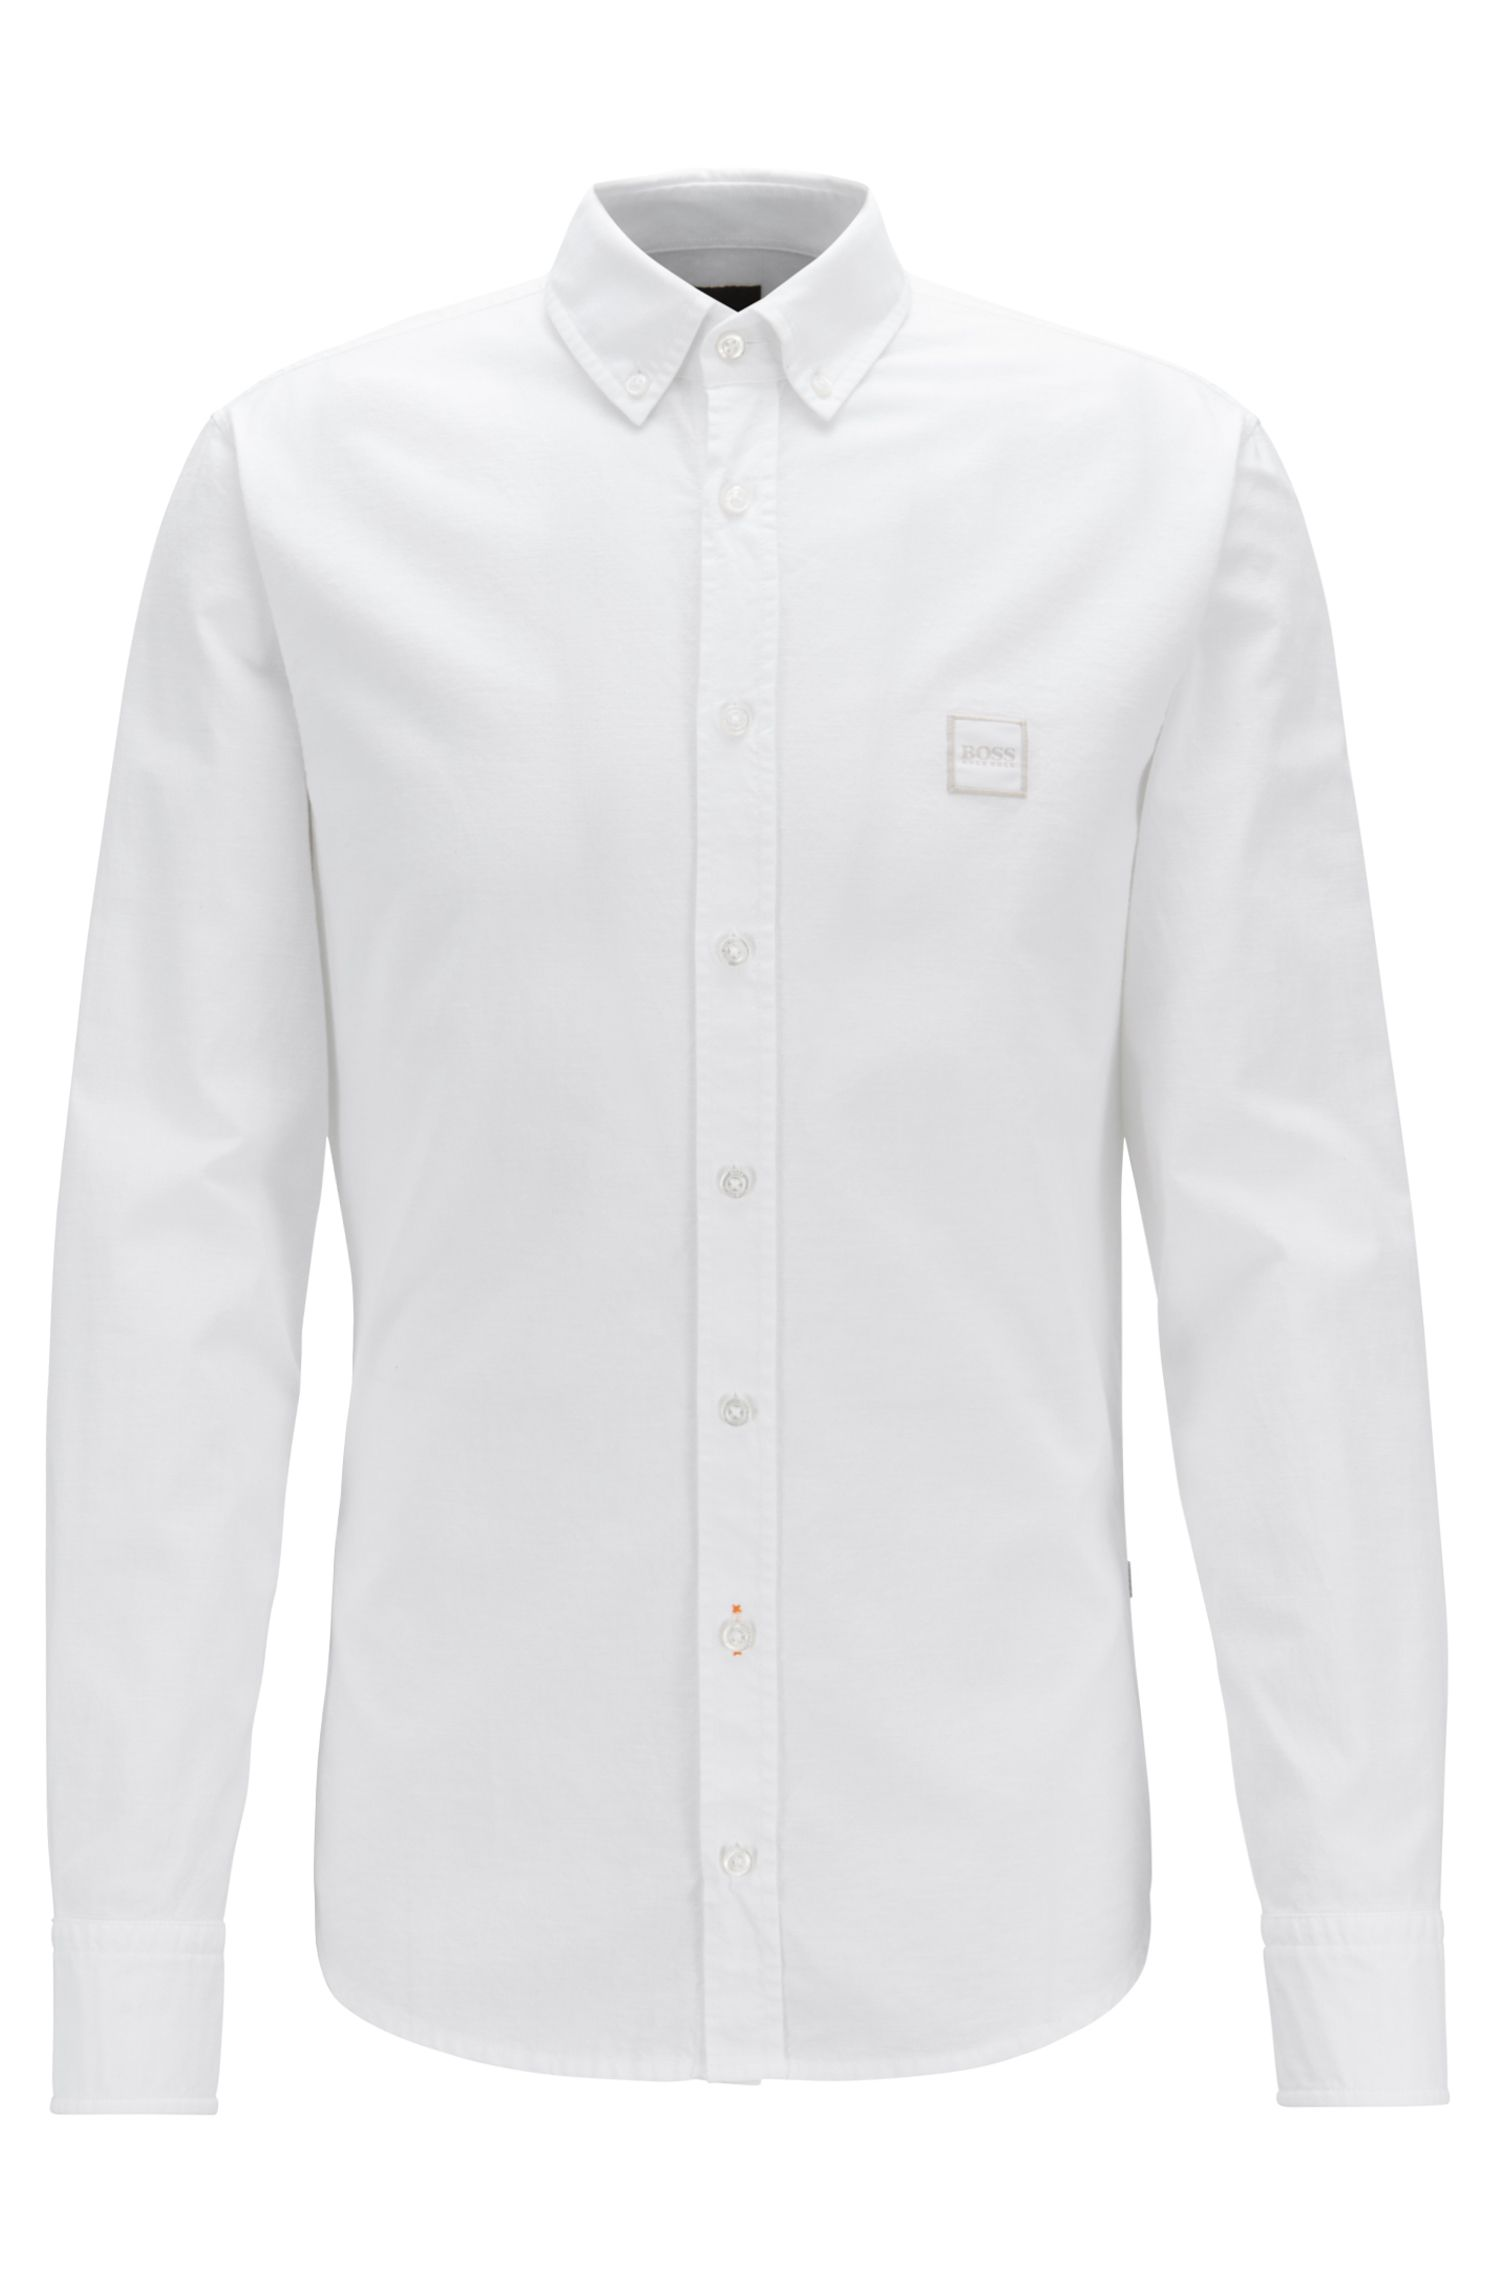 Slim-Fit Hemd aus angerauter Baumwolle mit Button-Down-Kragen, Weiß